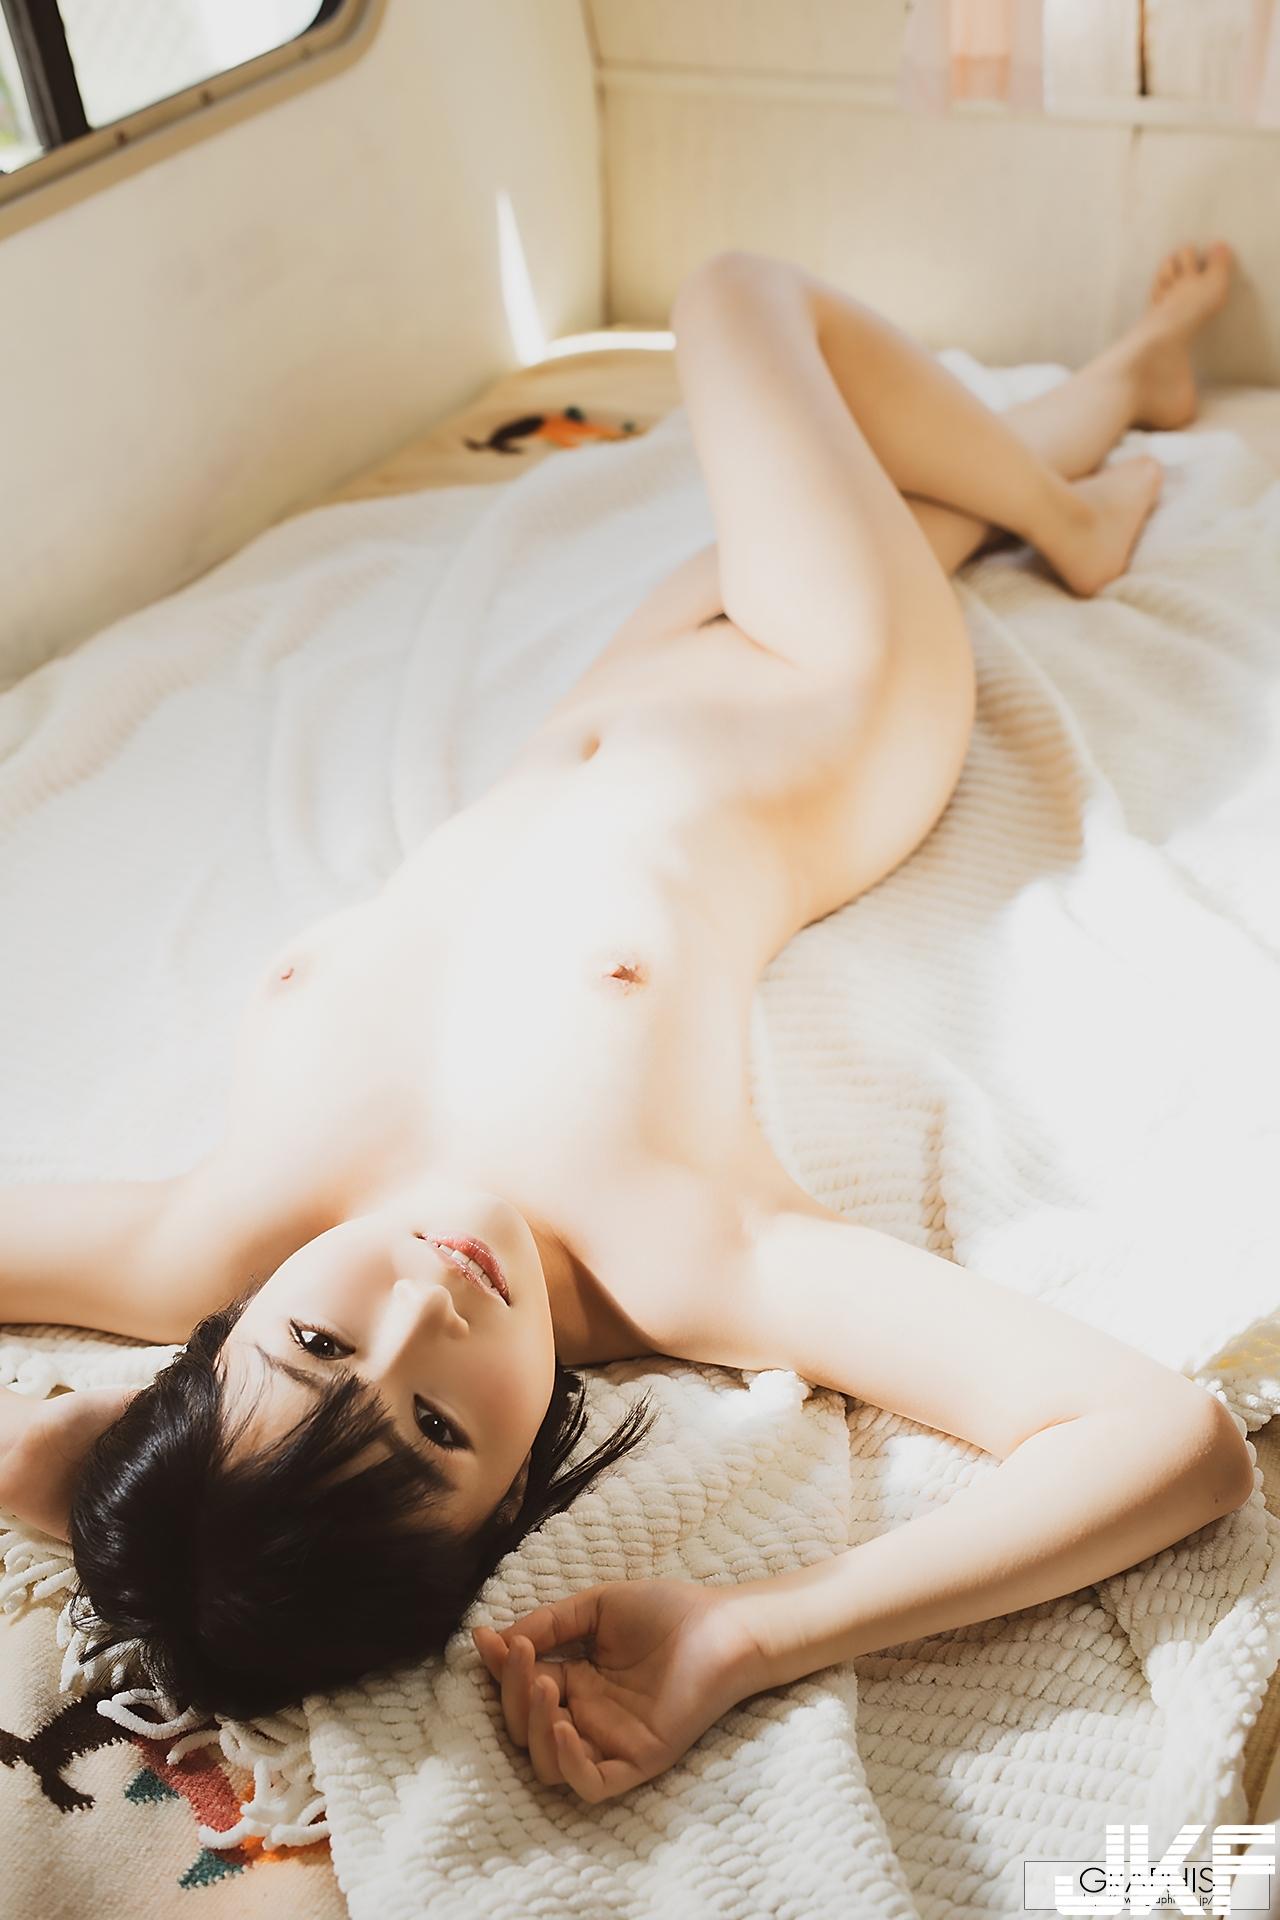 asuna-kawai_daily024.jpg